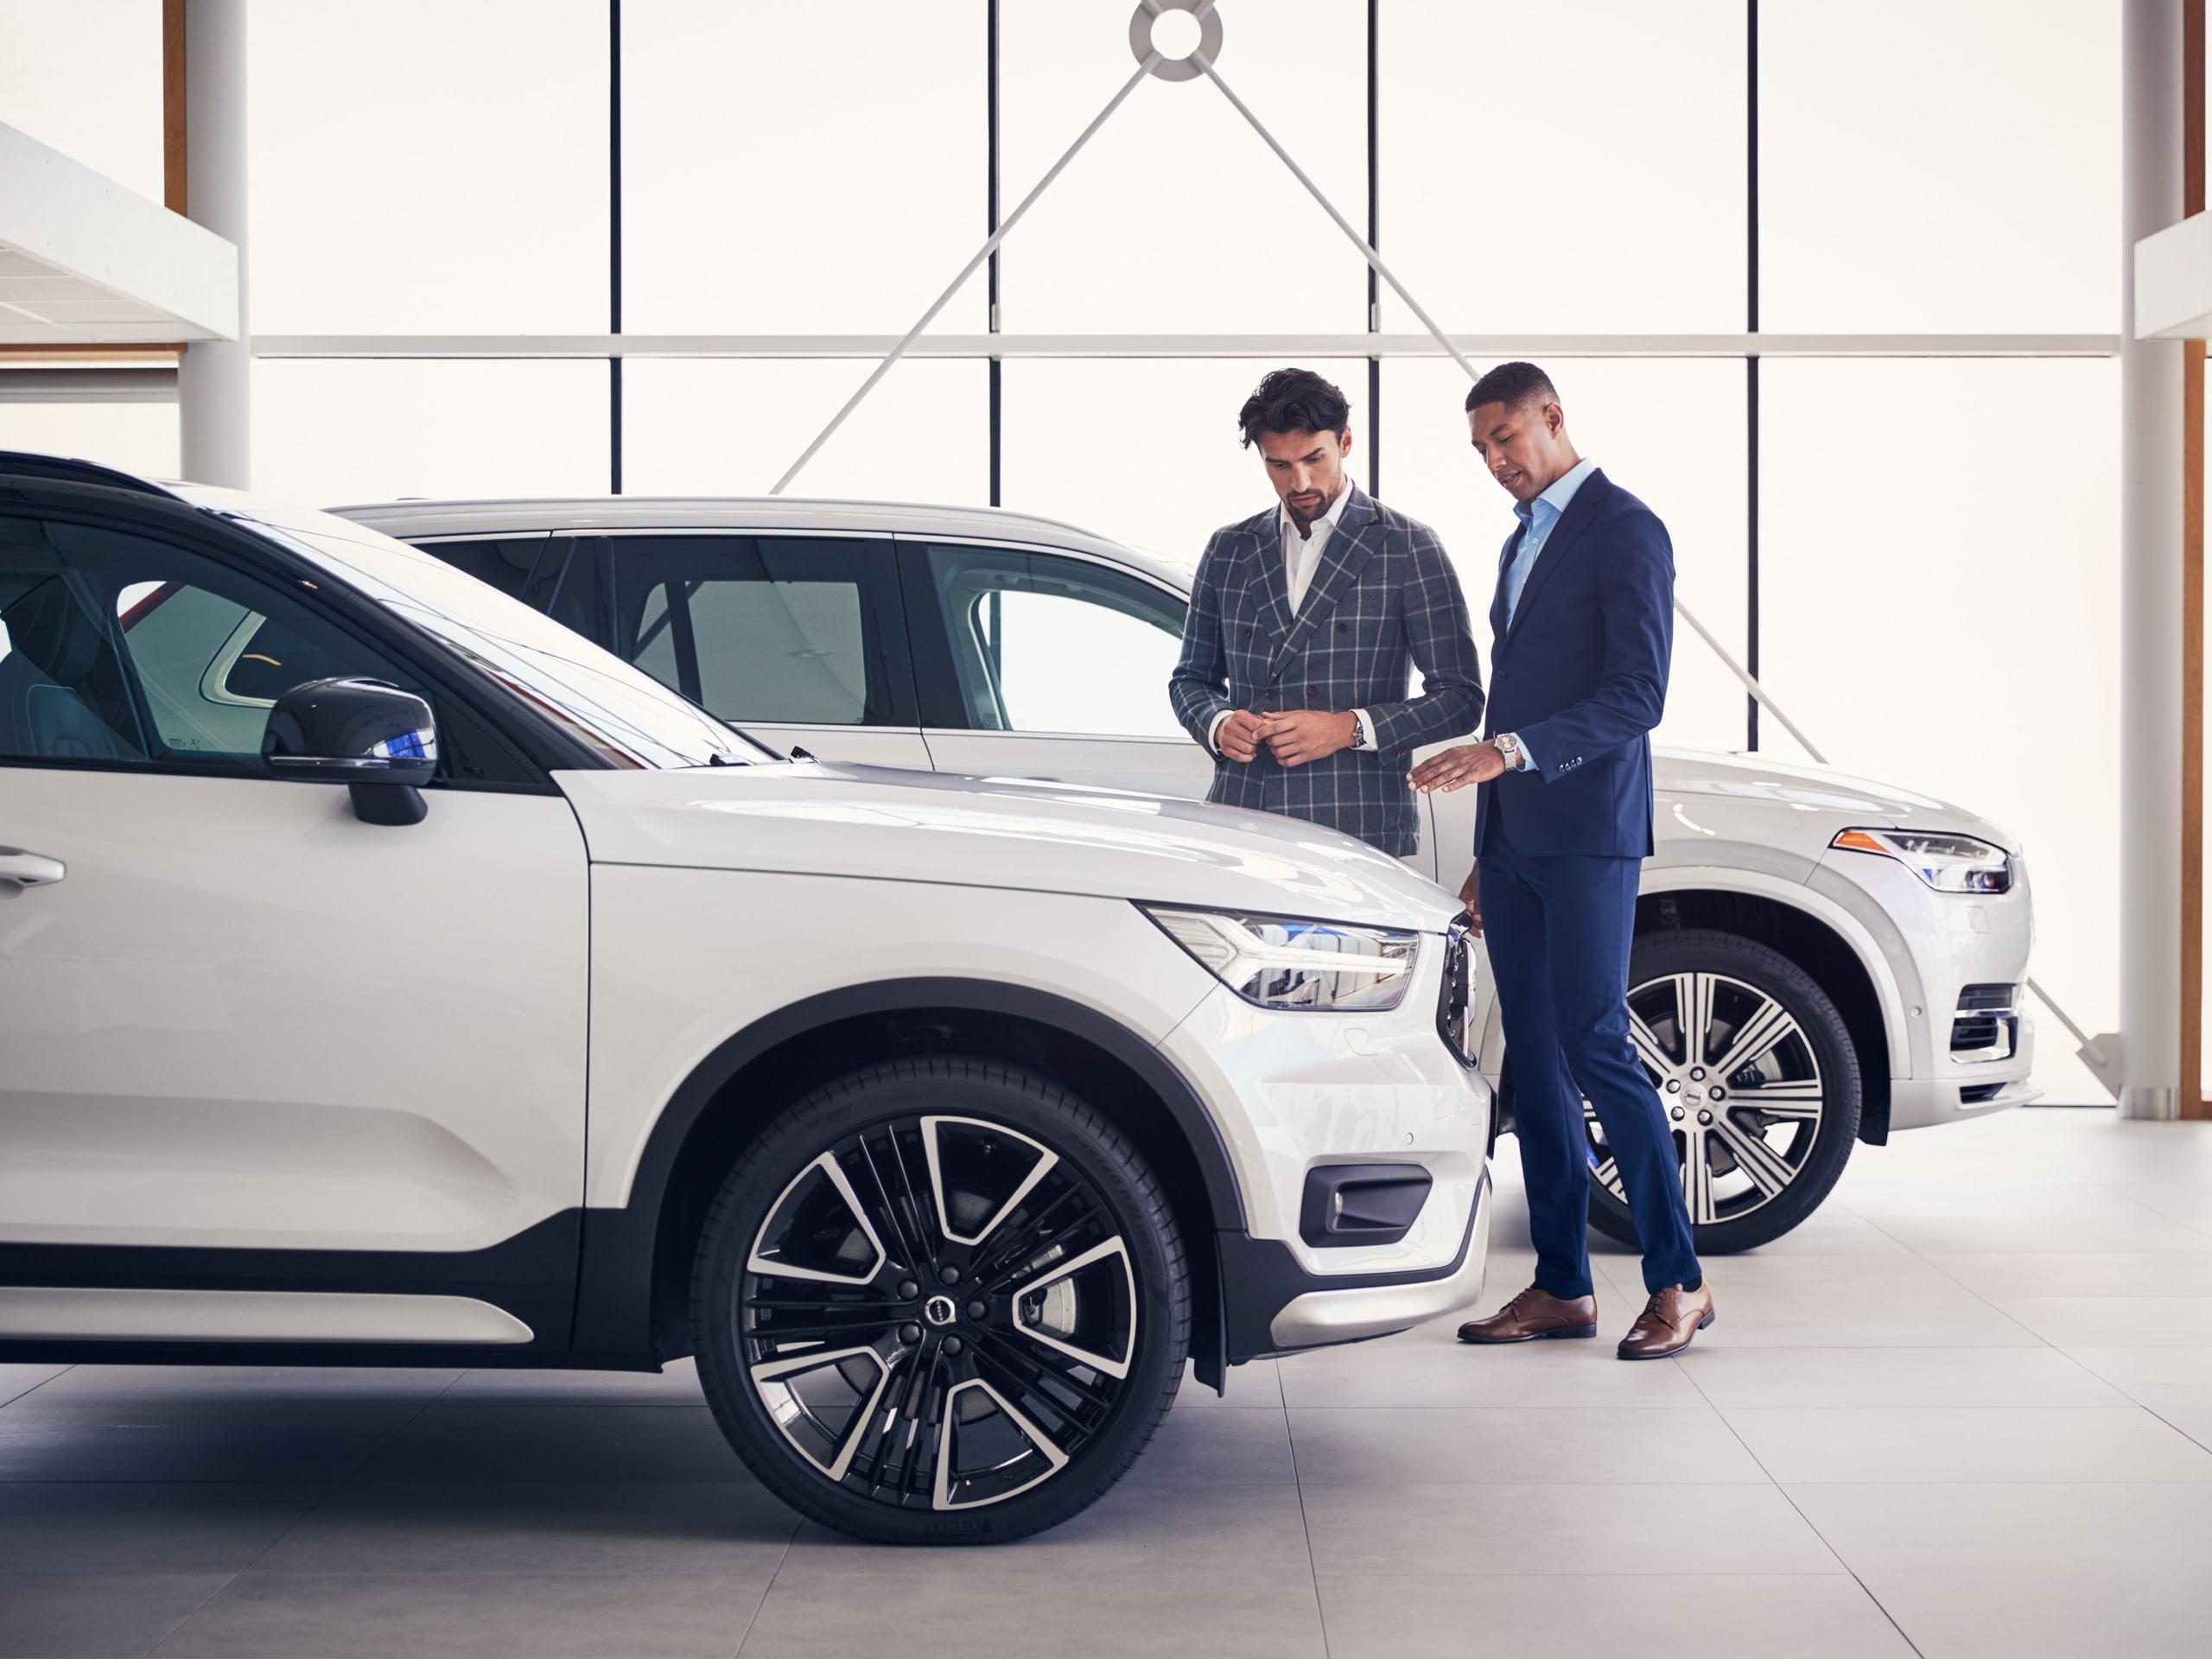 Två män som tittar på en Volvo hos en Volvohandlare.